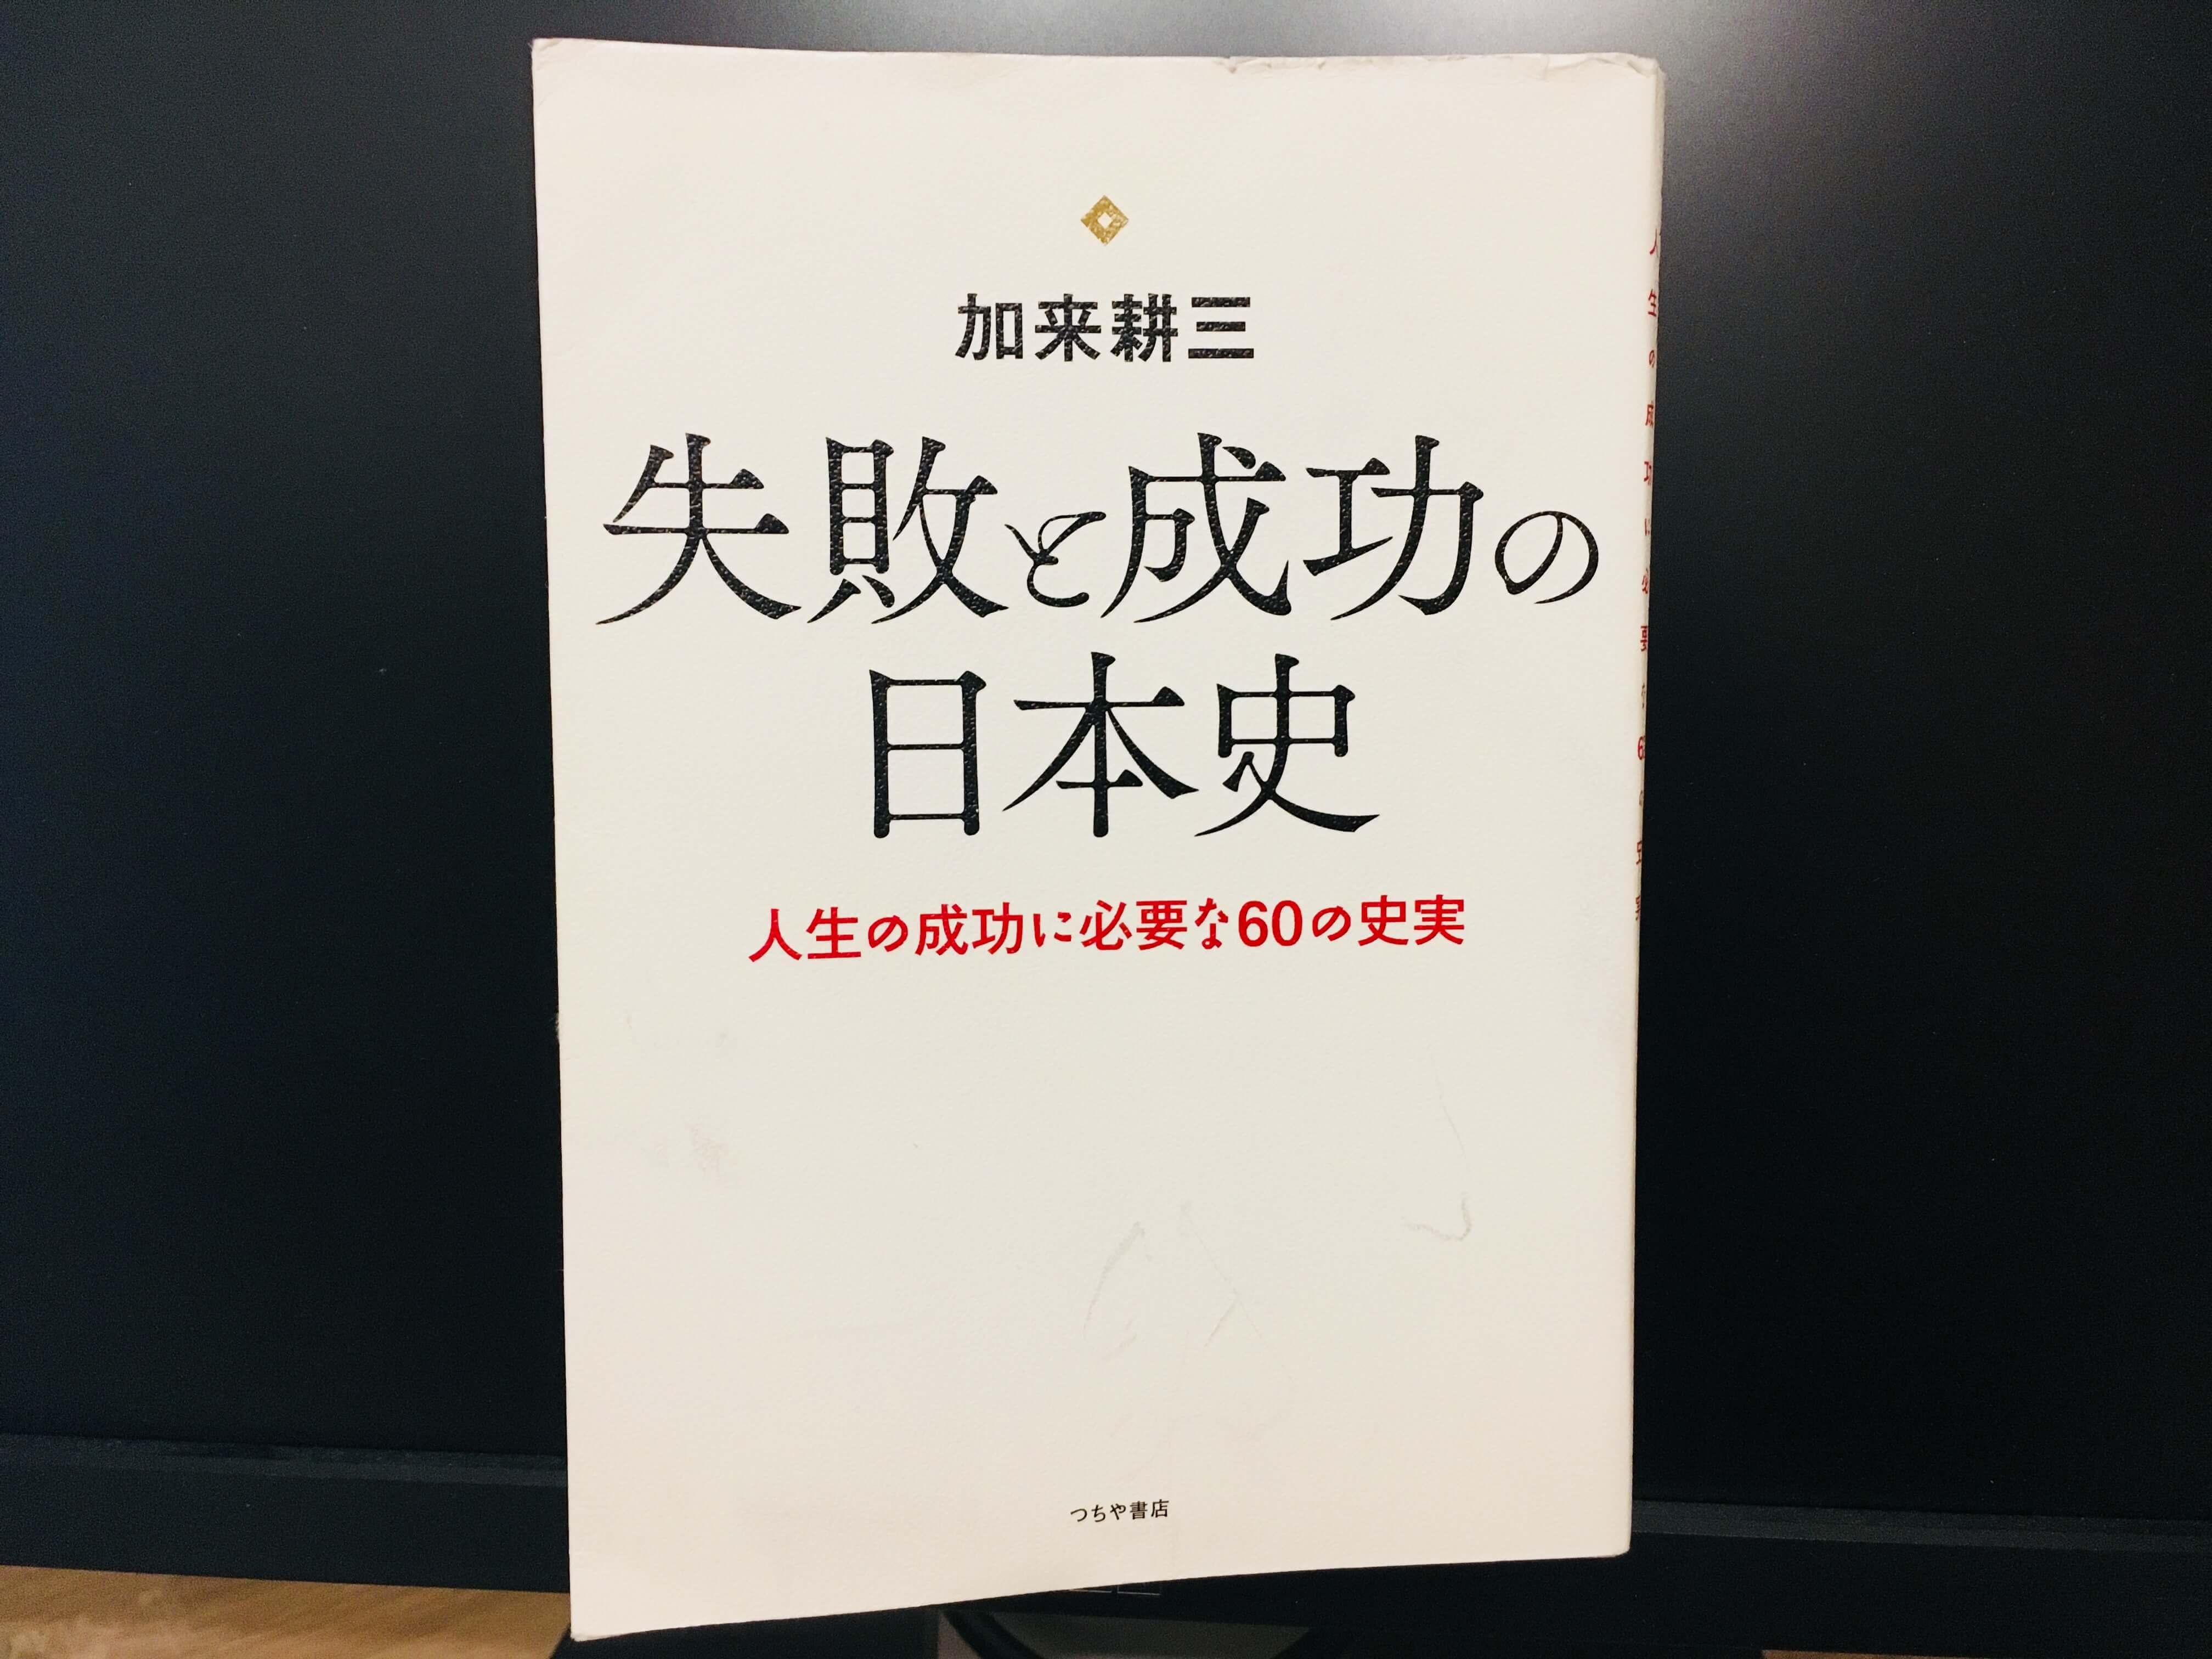 失敗と成功の日本史